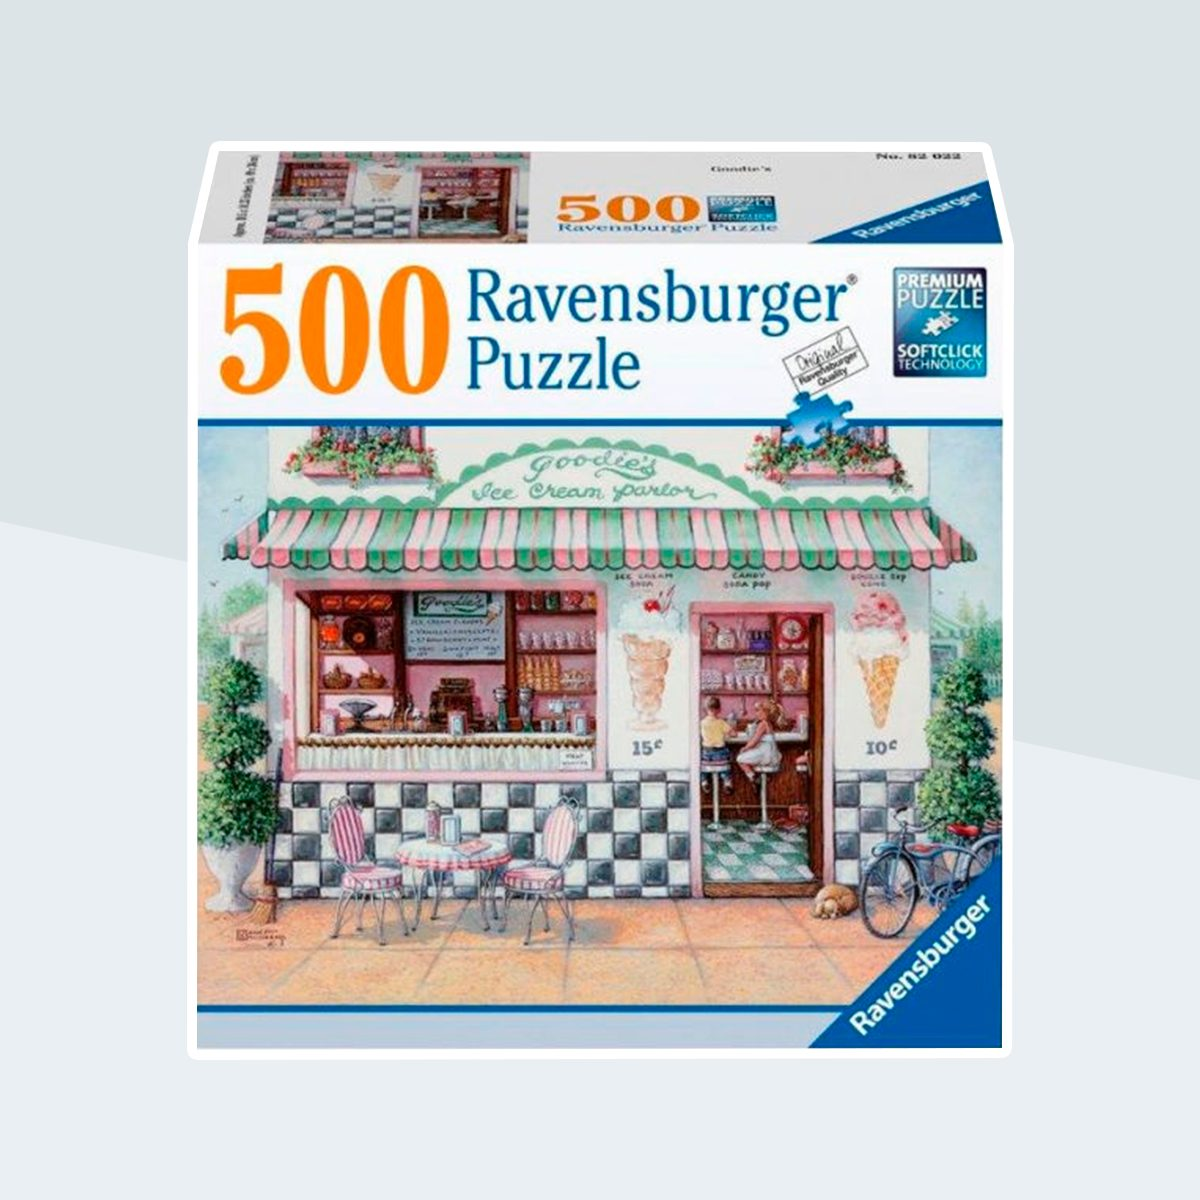 Goodie's 500 Piece Jigsaw Puzzle